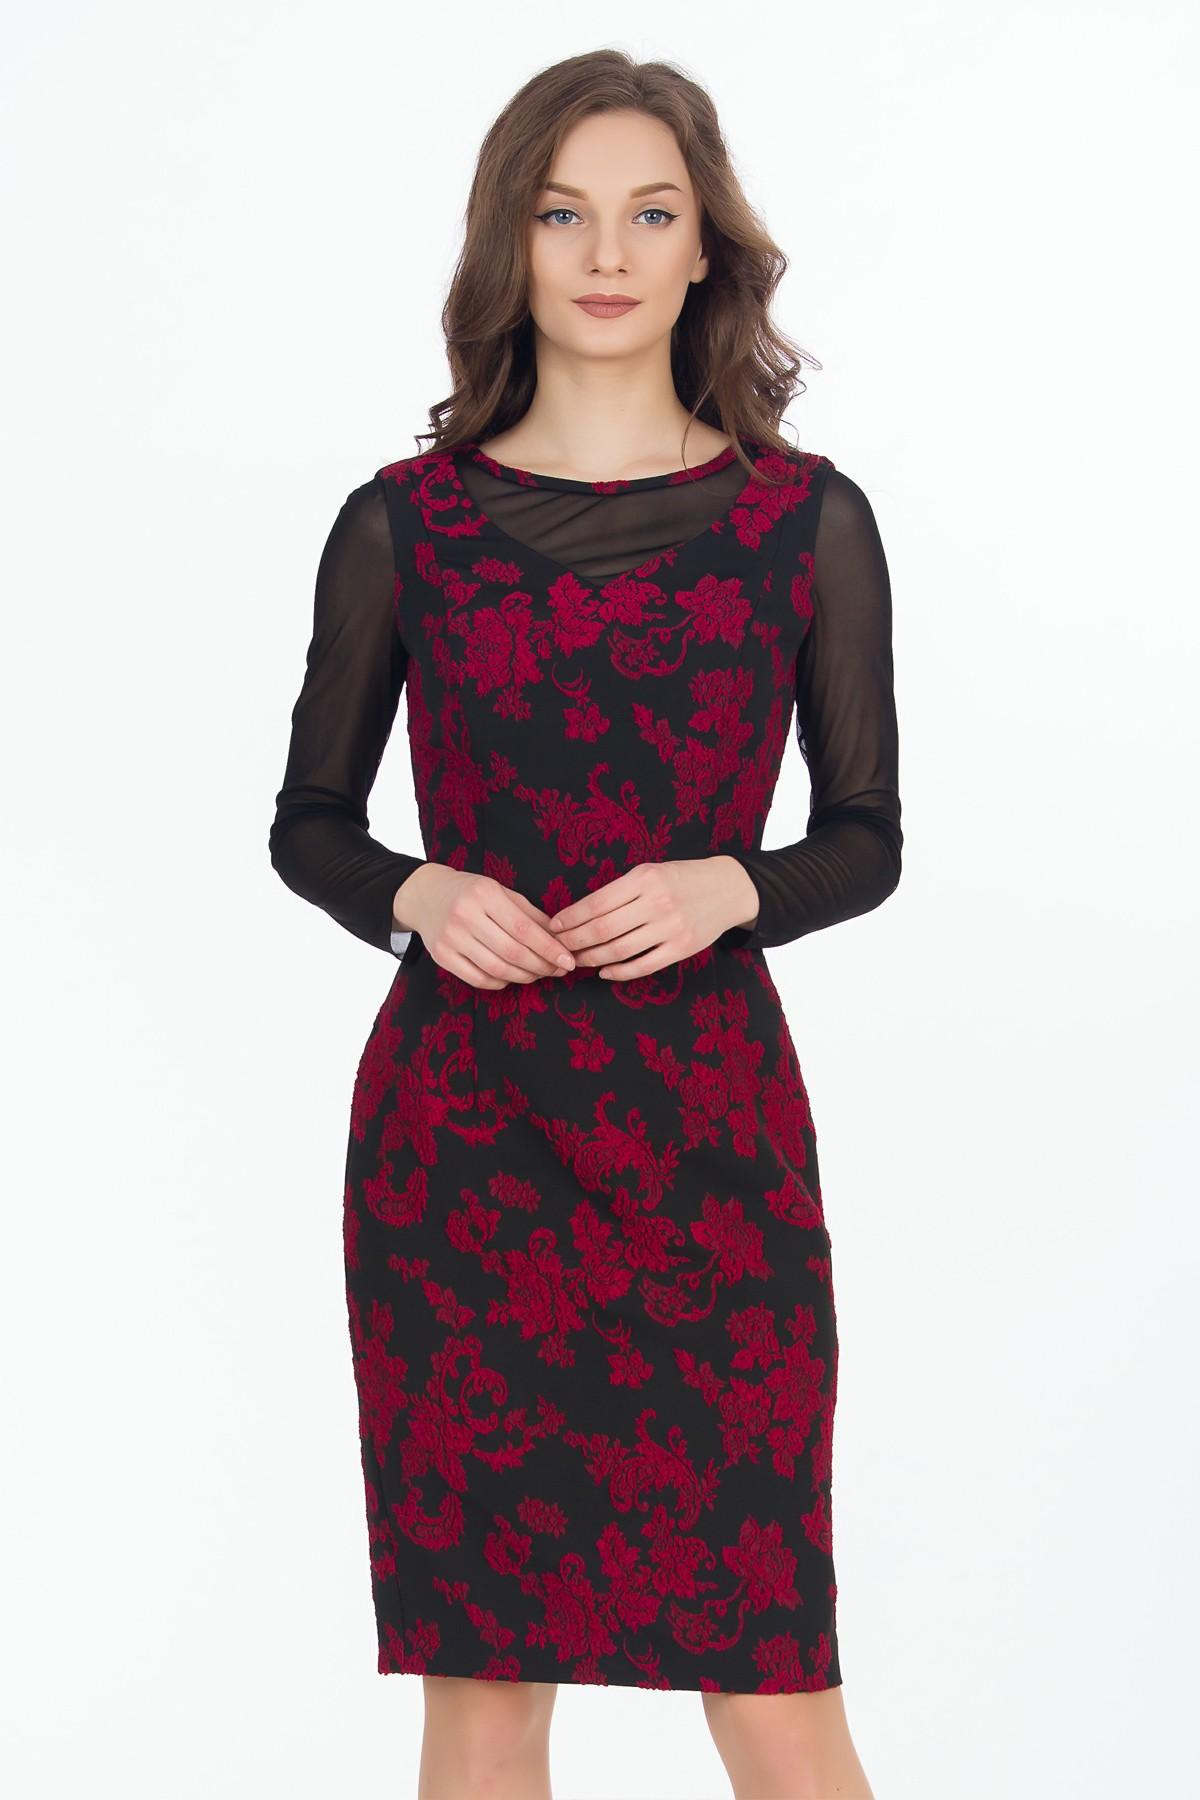 rochie-rosu-negru-flori-sense